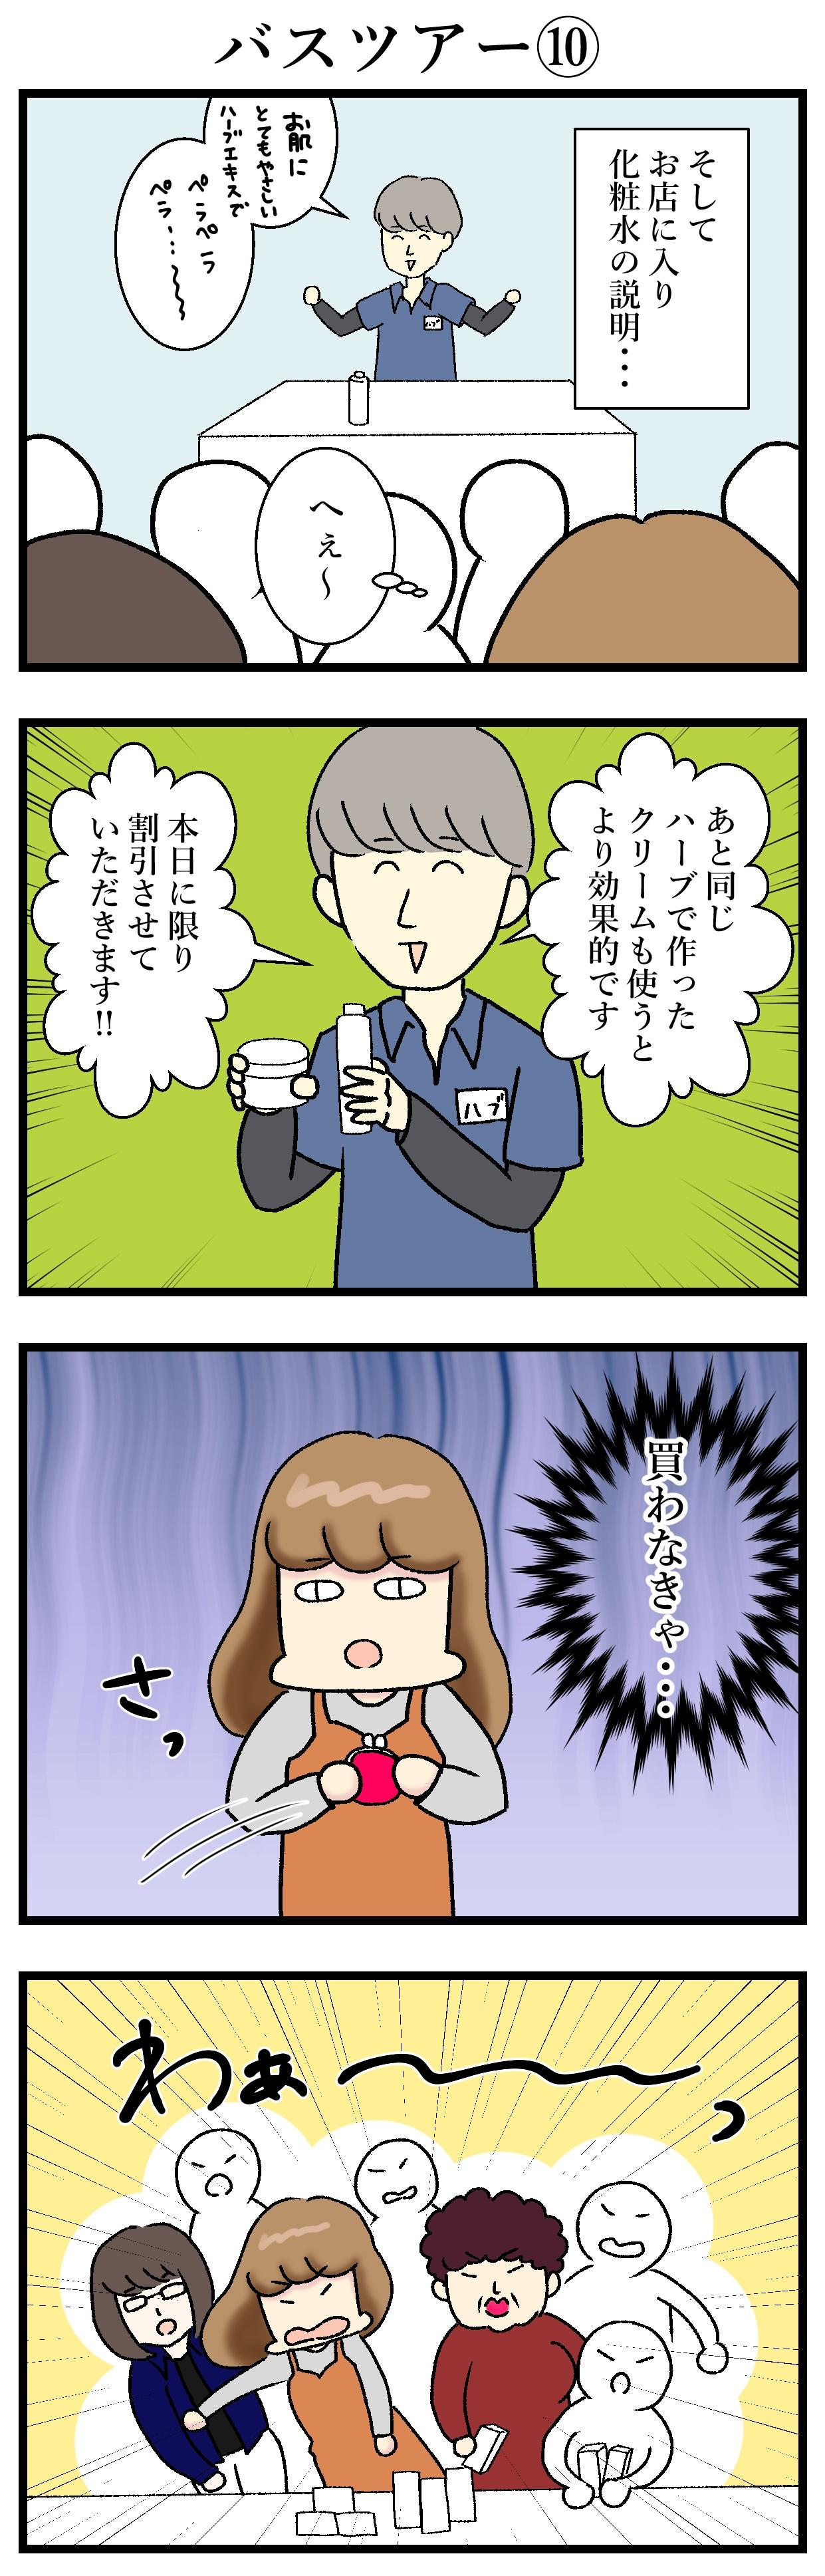 【エッセイ漫画】アラサー主婦くま子のふがいない日常(61)